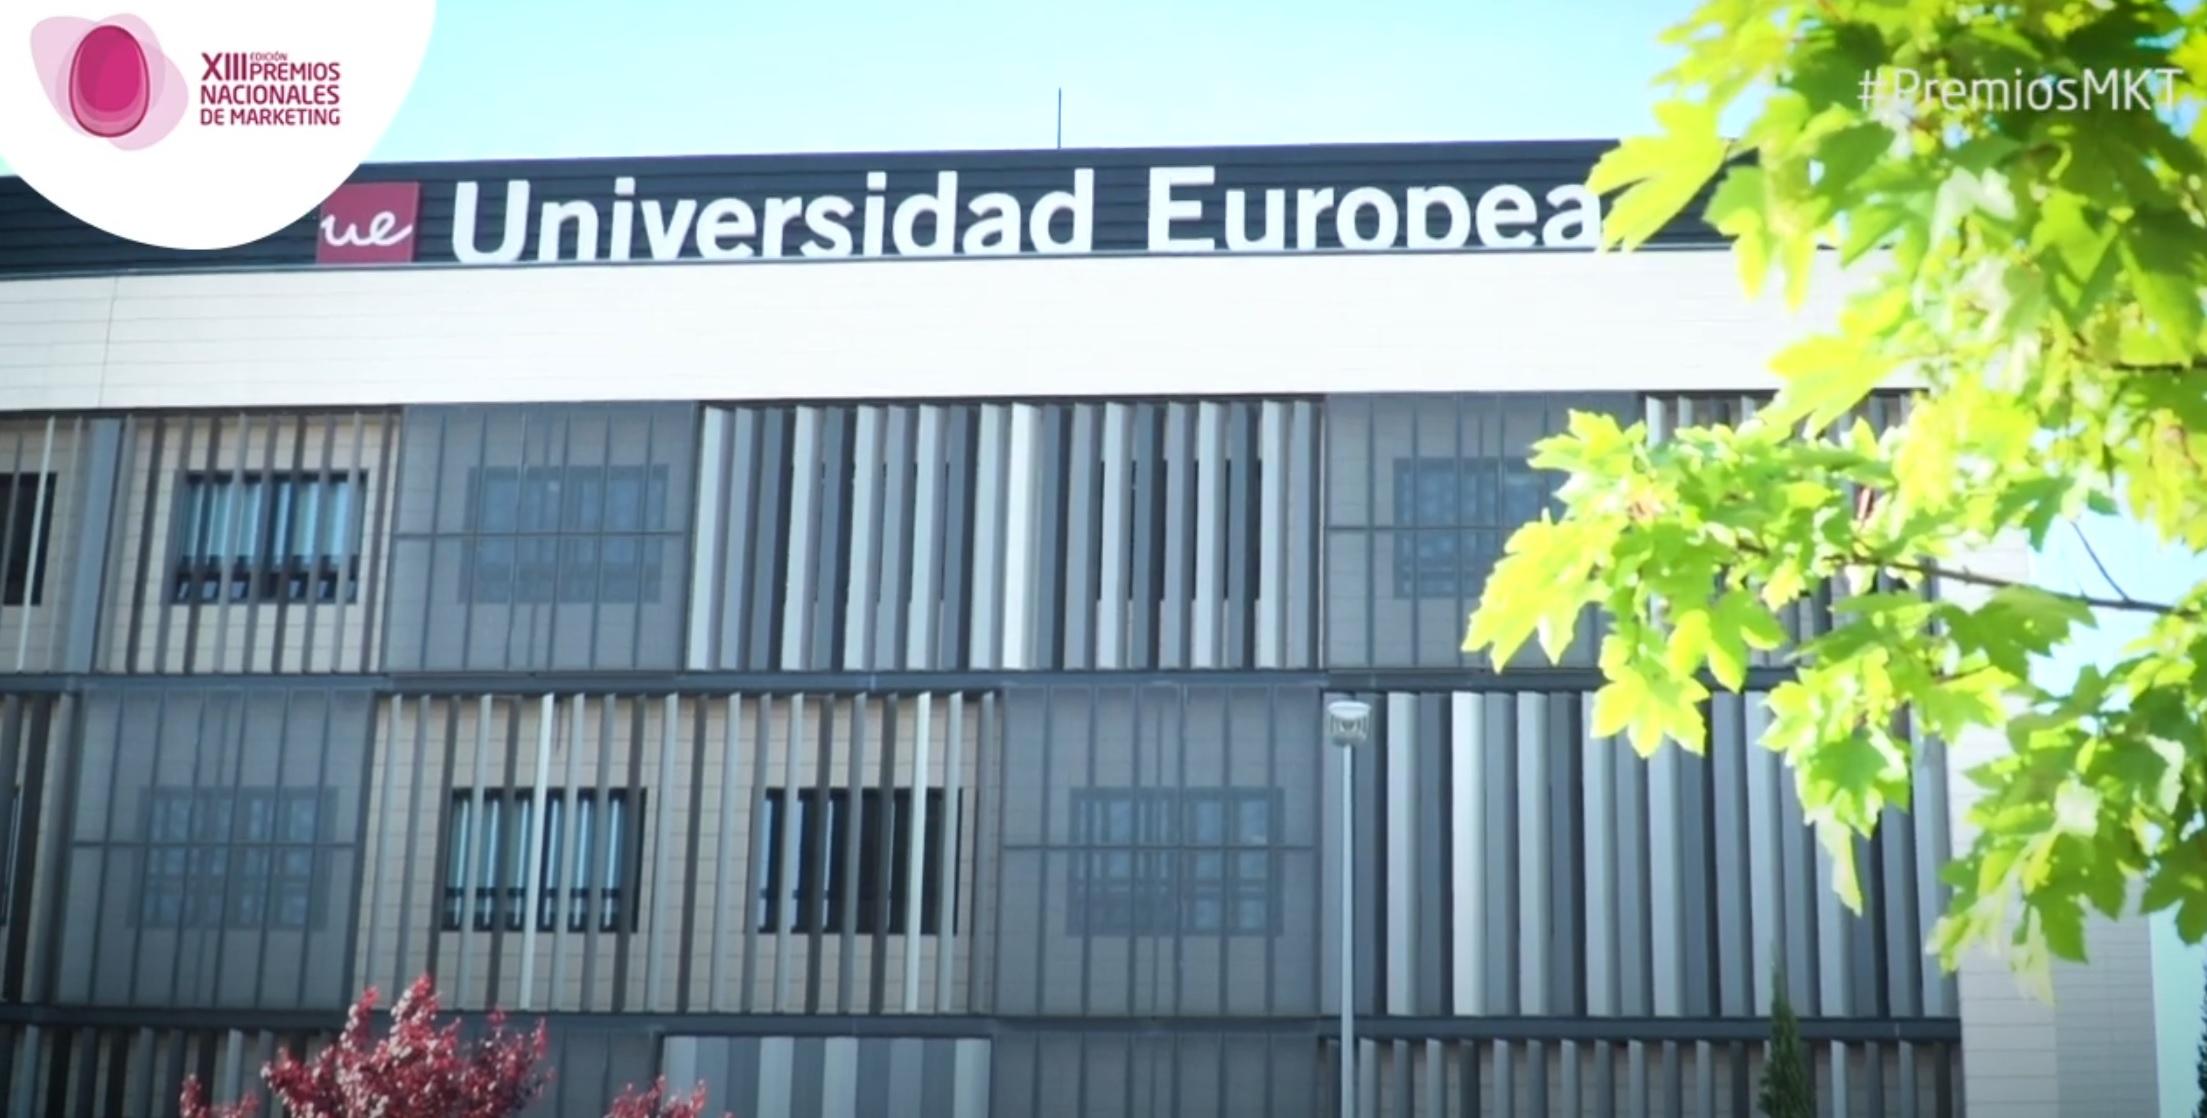 Cinco start-ups españolas en busca de reconocimiento